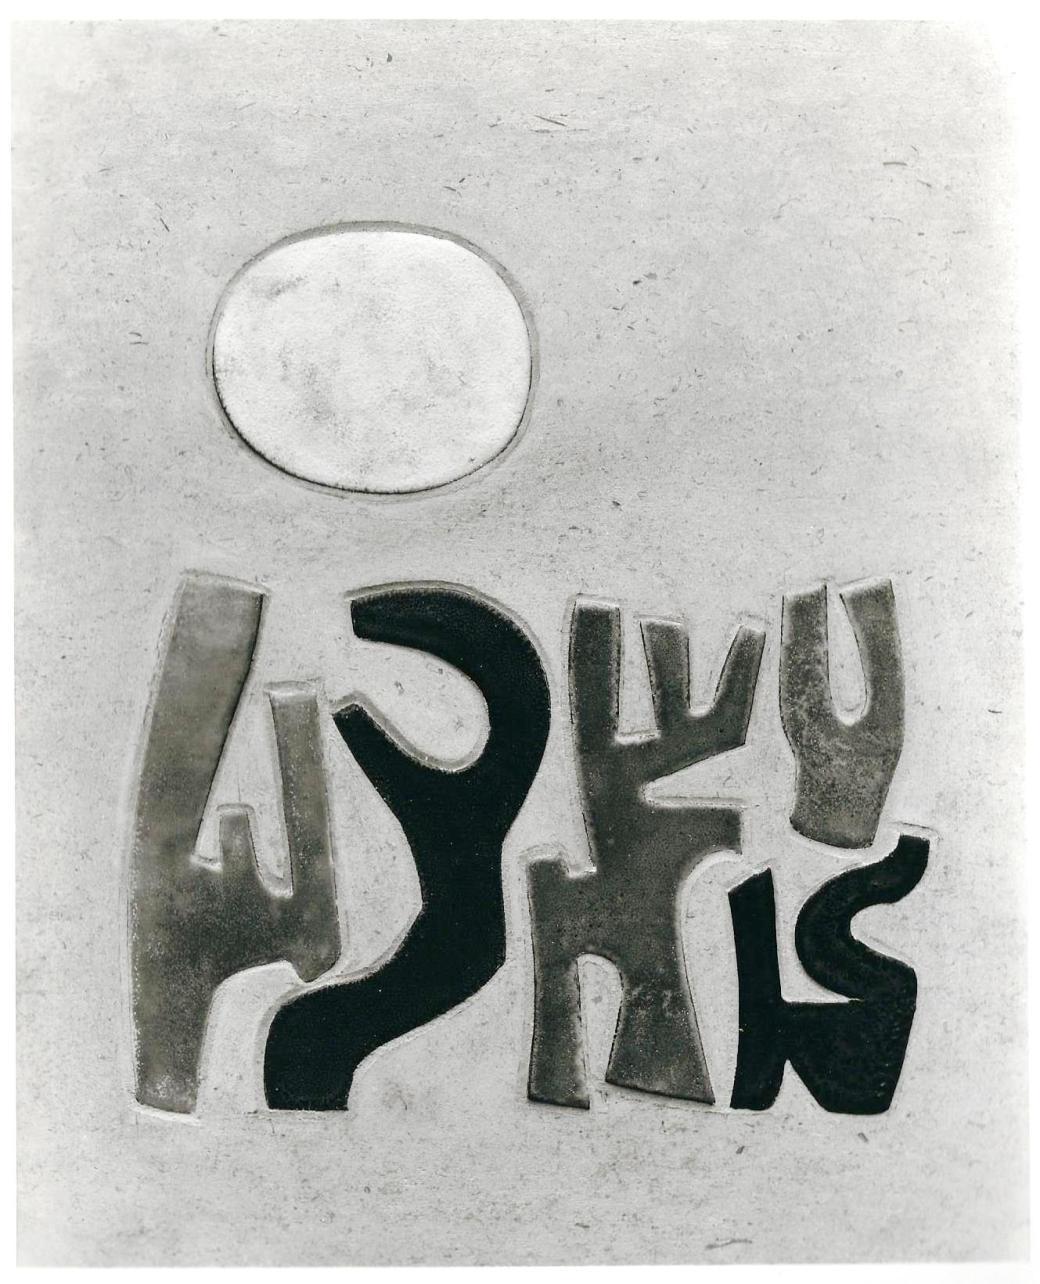 1958. Céramique incrustée dans la pierre (52,5 x 42,5)